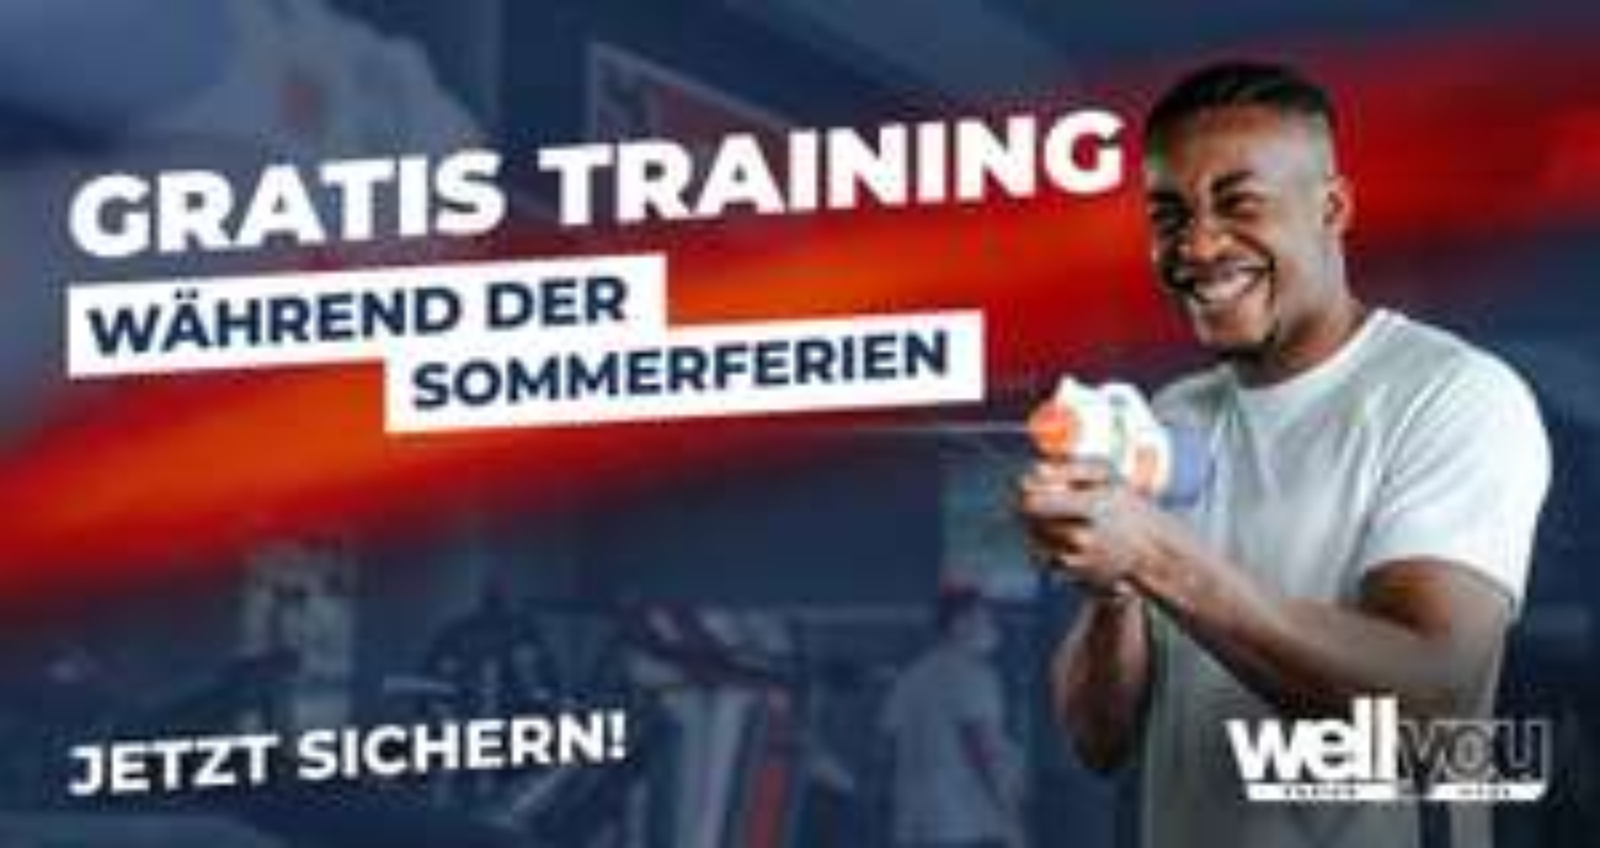 wellyou Fitnessstudio - 10 Wochen gratis trainieren ohne Vertrag (Jugendliche von 14-17 Jahren, keine Kündigung erforderlich)